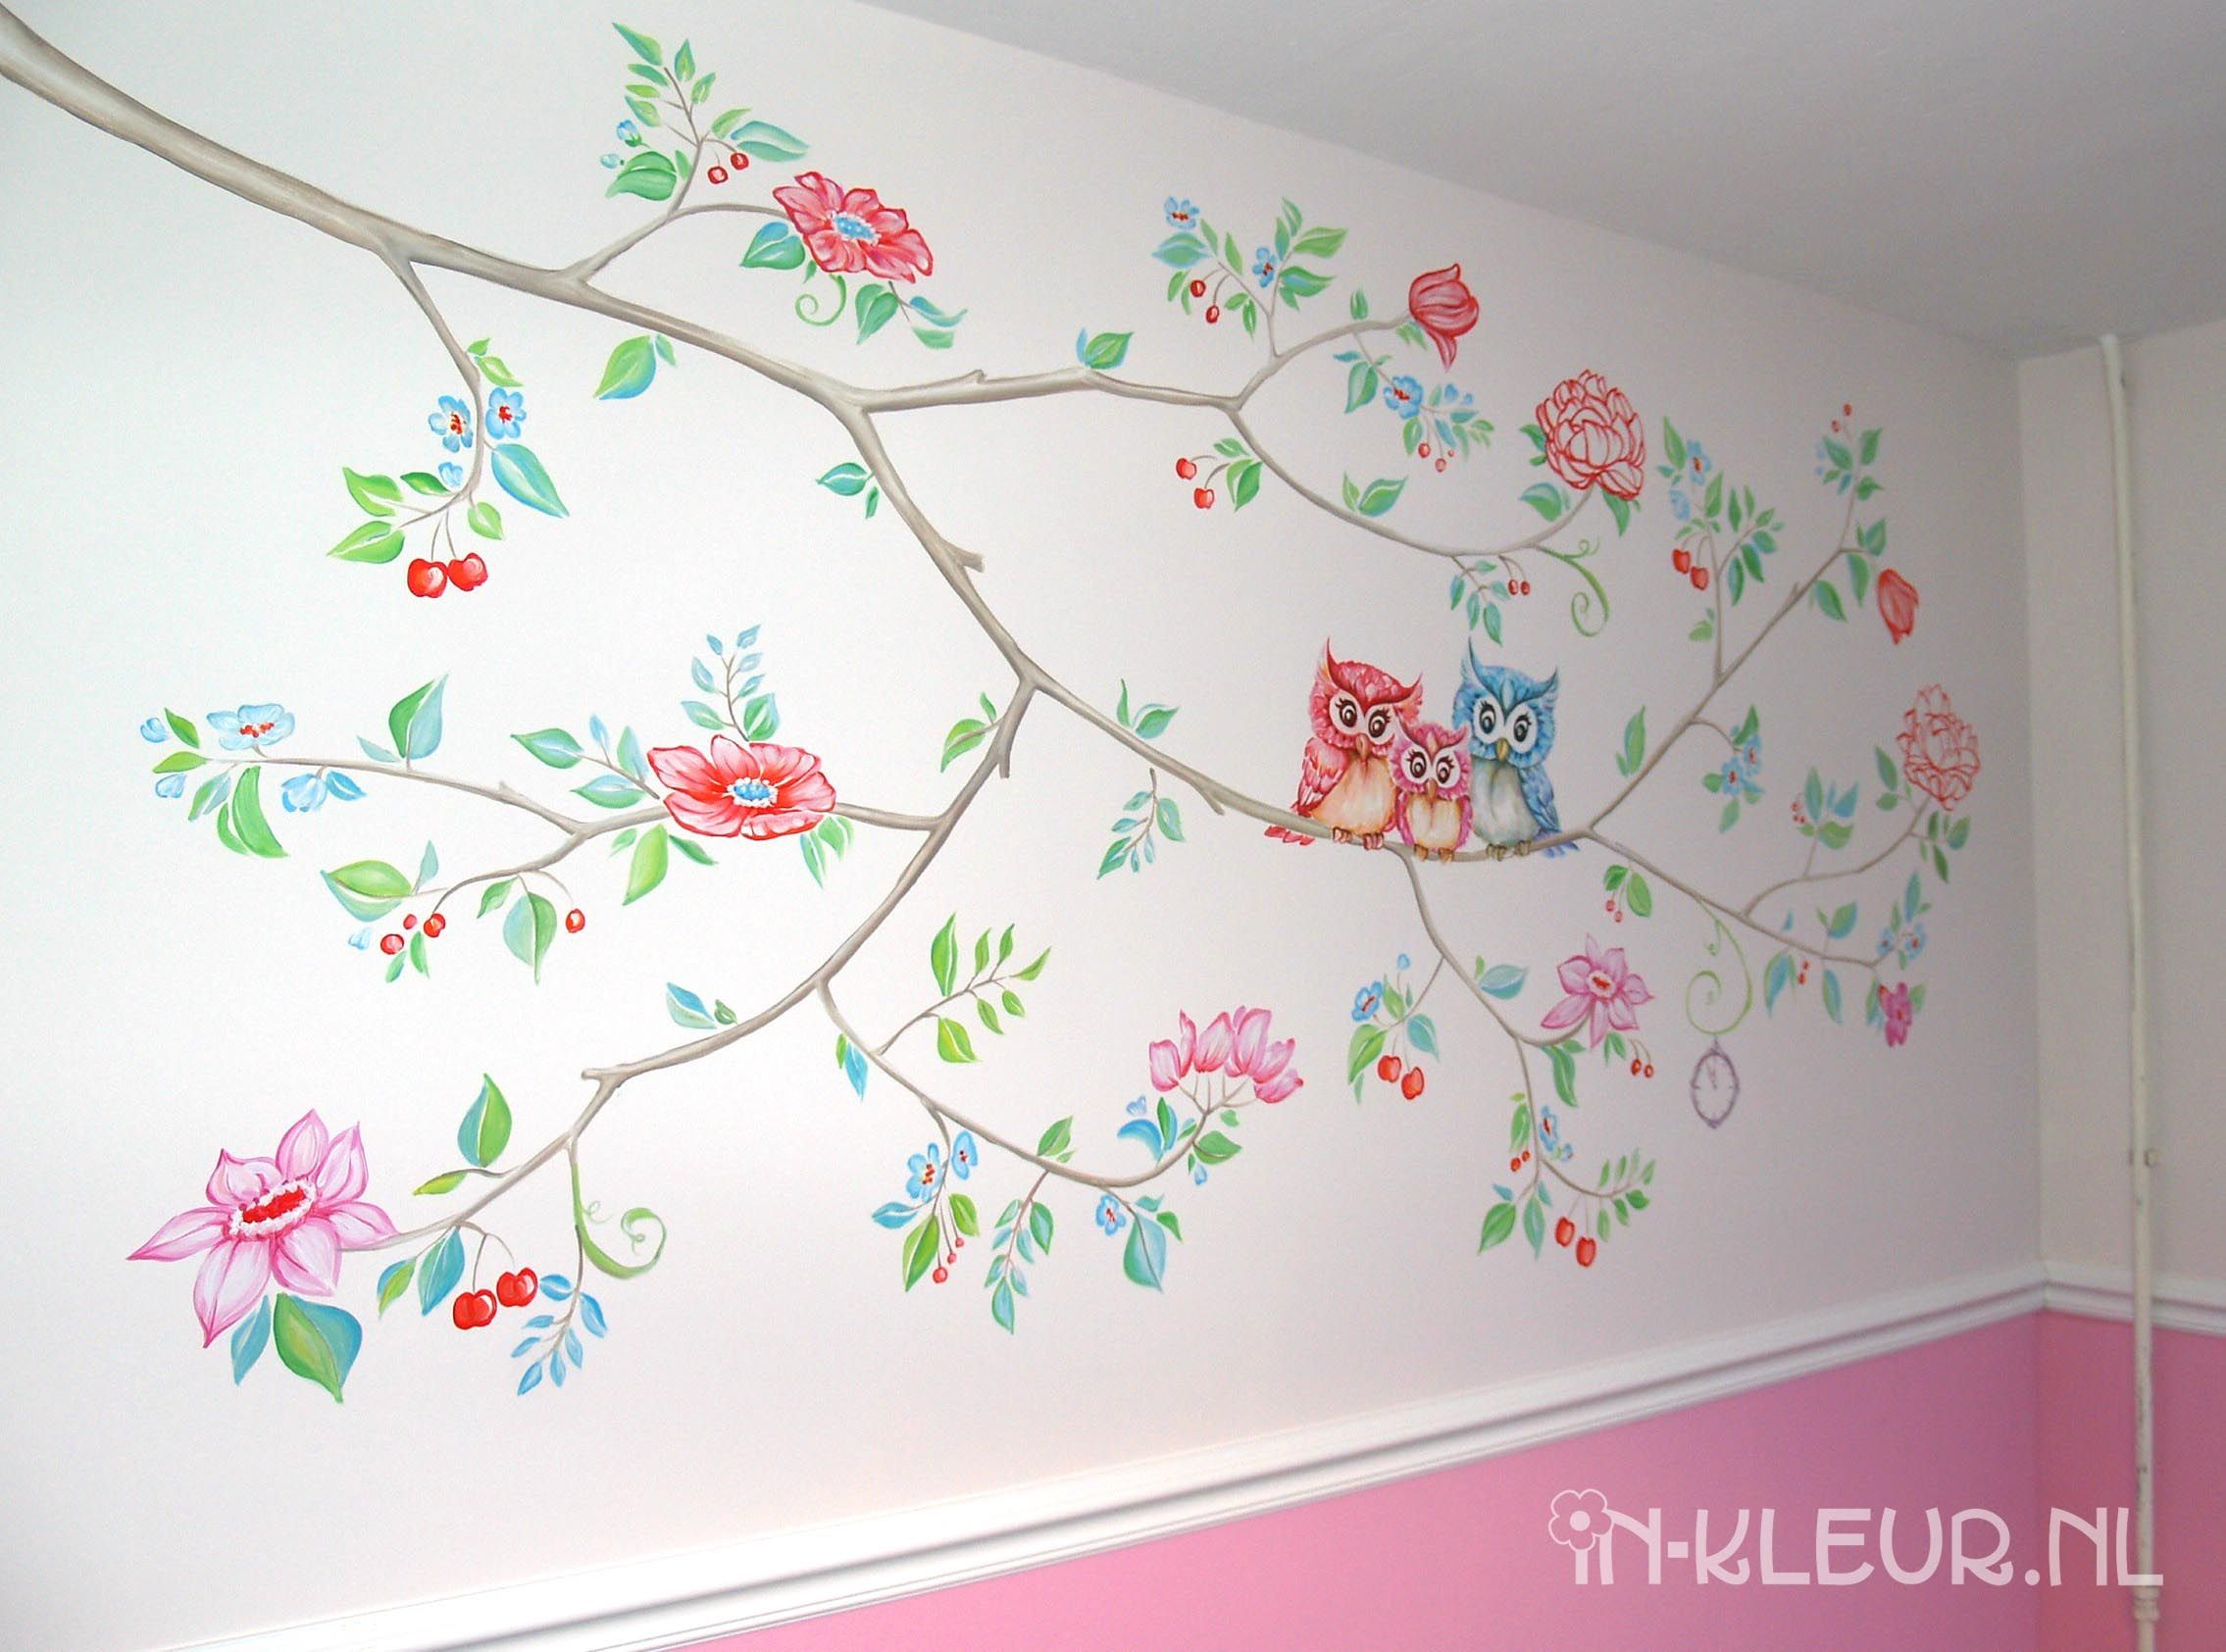 Bloesem muurschildering meisjeskamer - IN-KLEUR Wandschilderingen ...